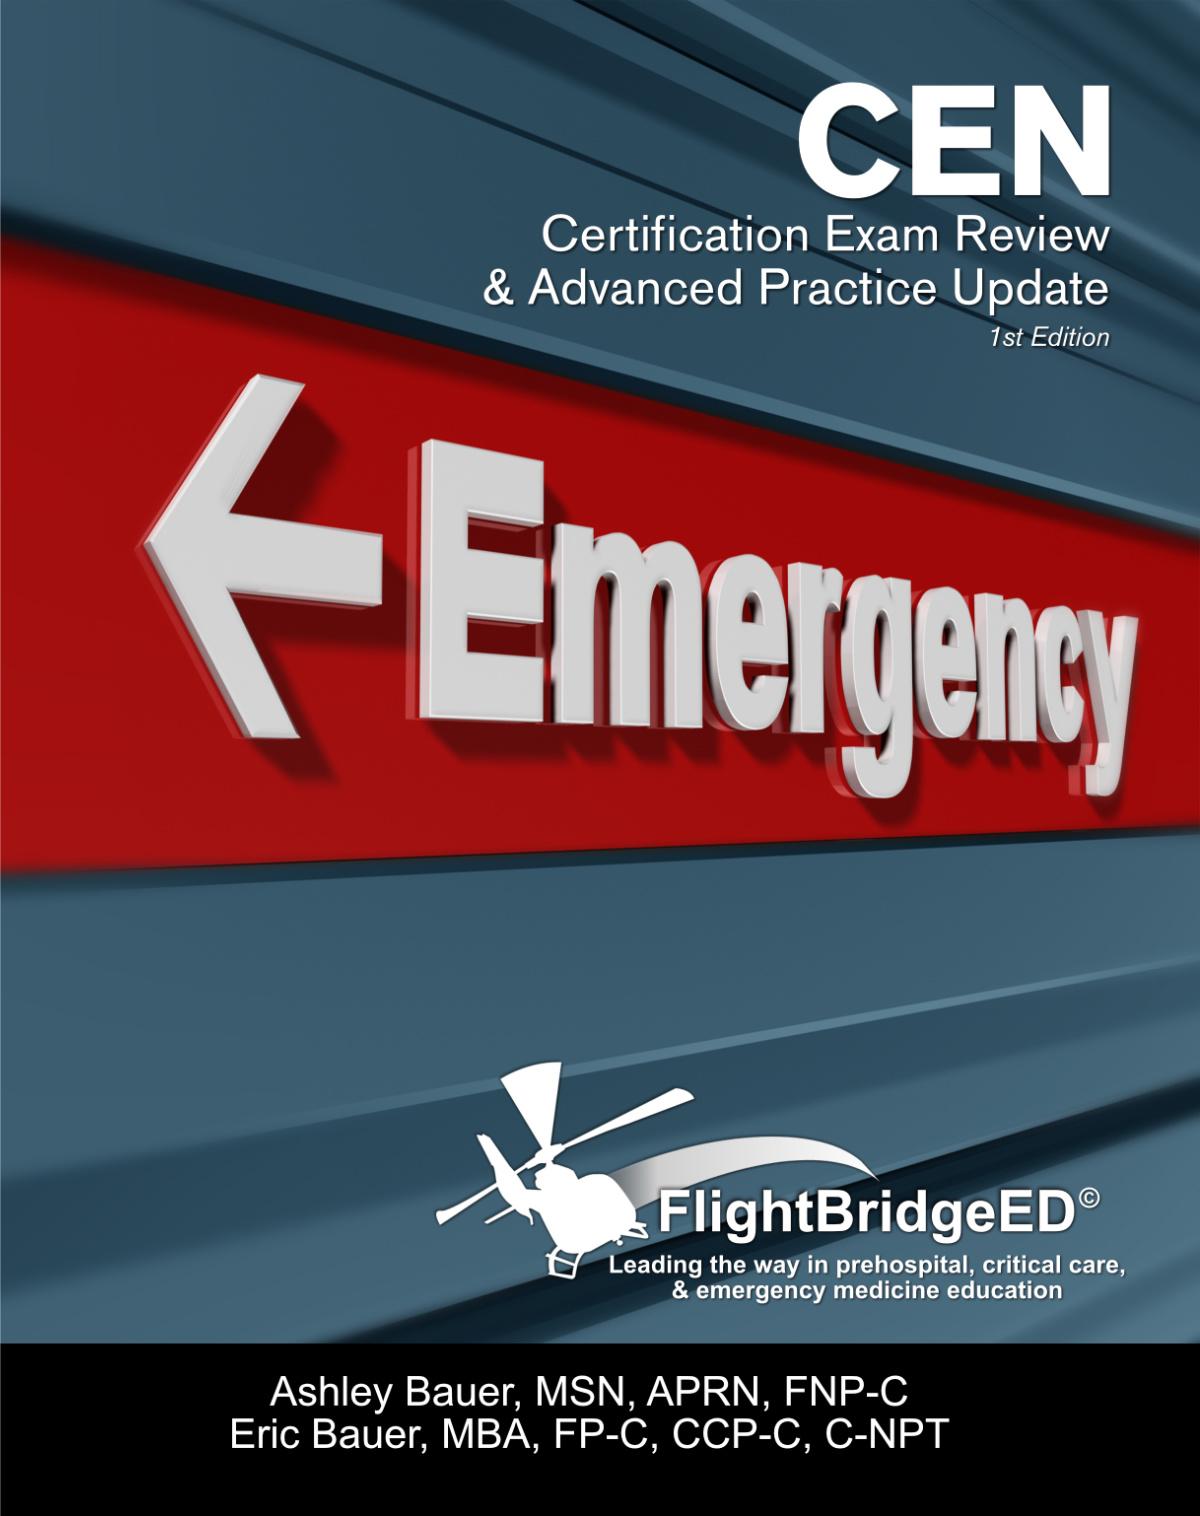 cen certification practice advanced update flightbridgeed